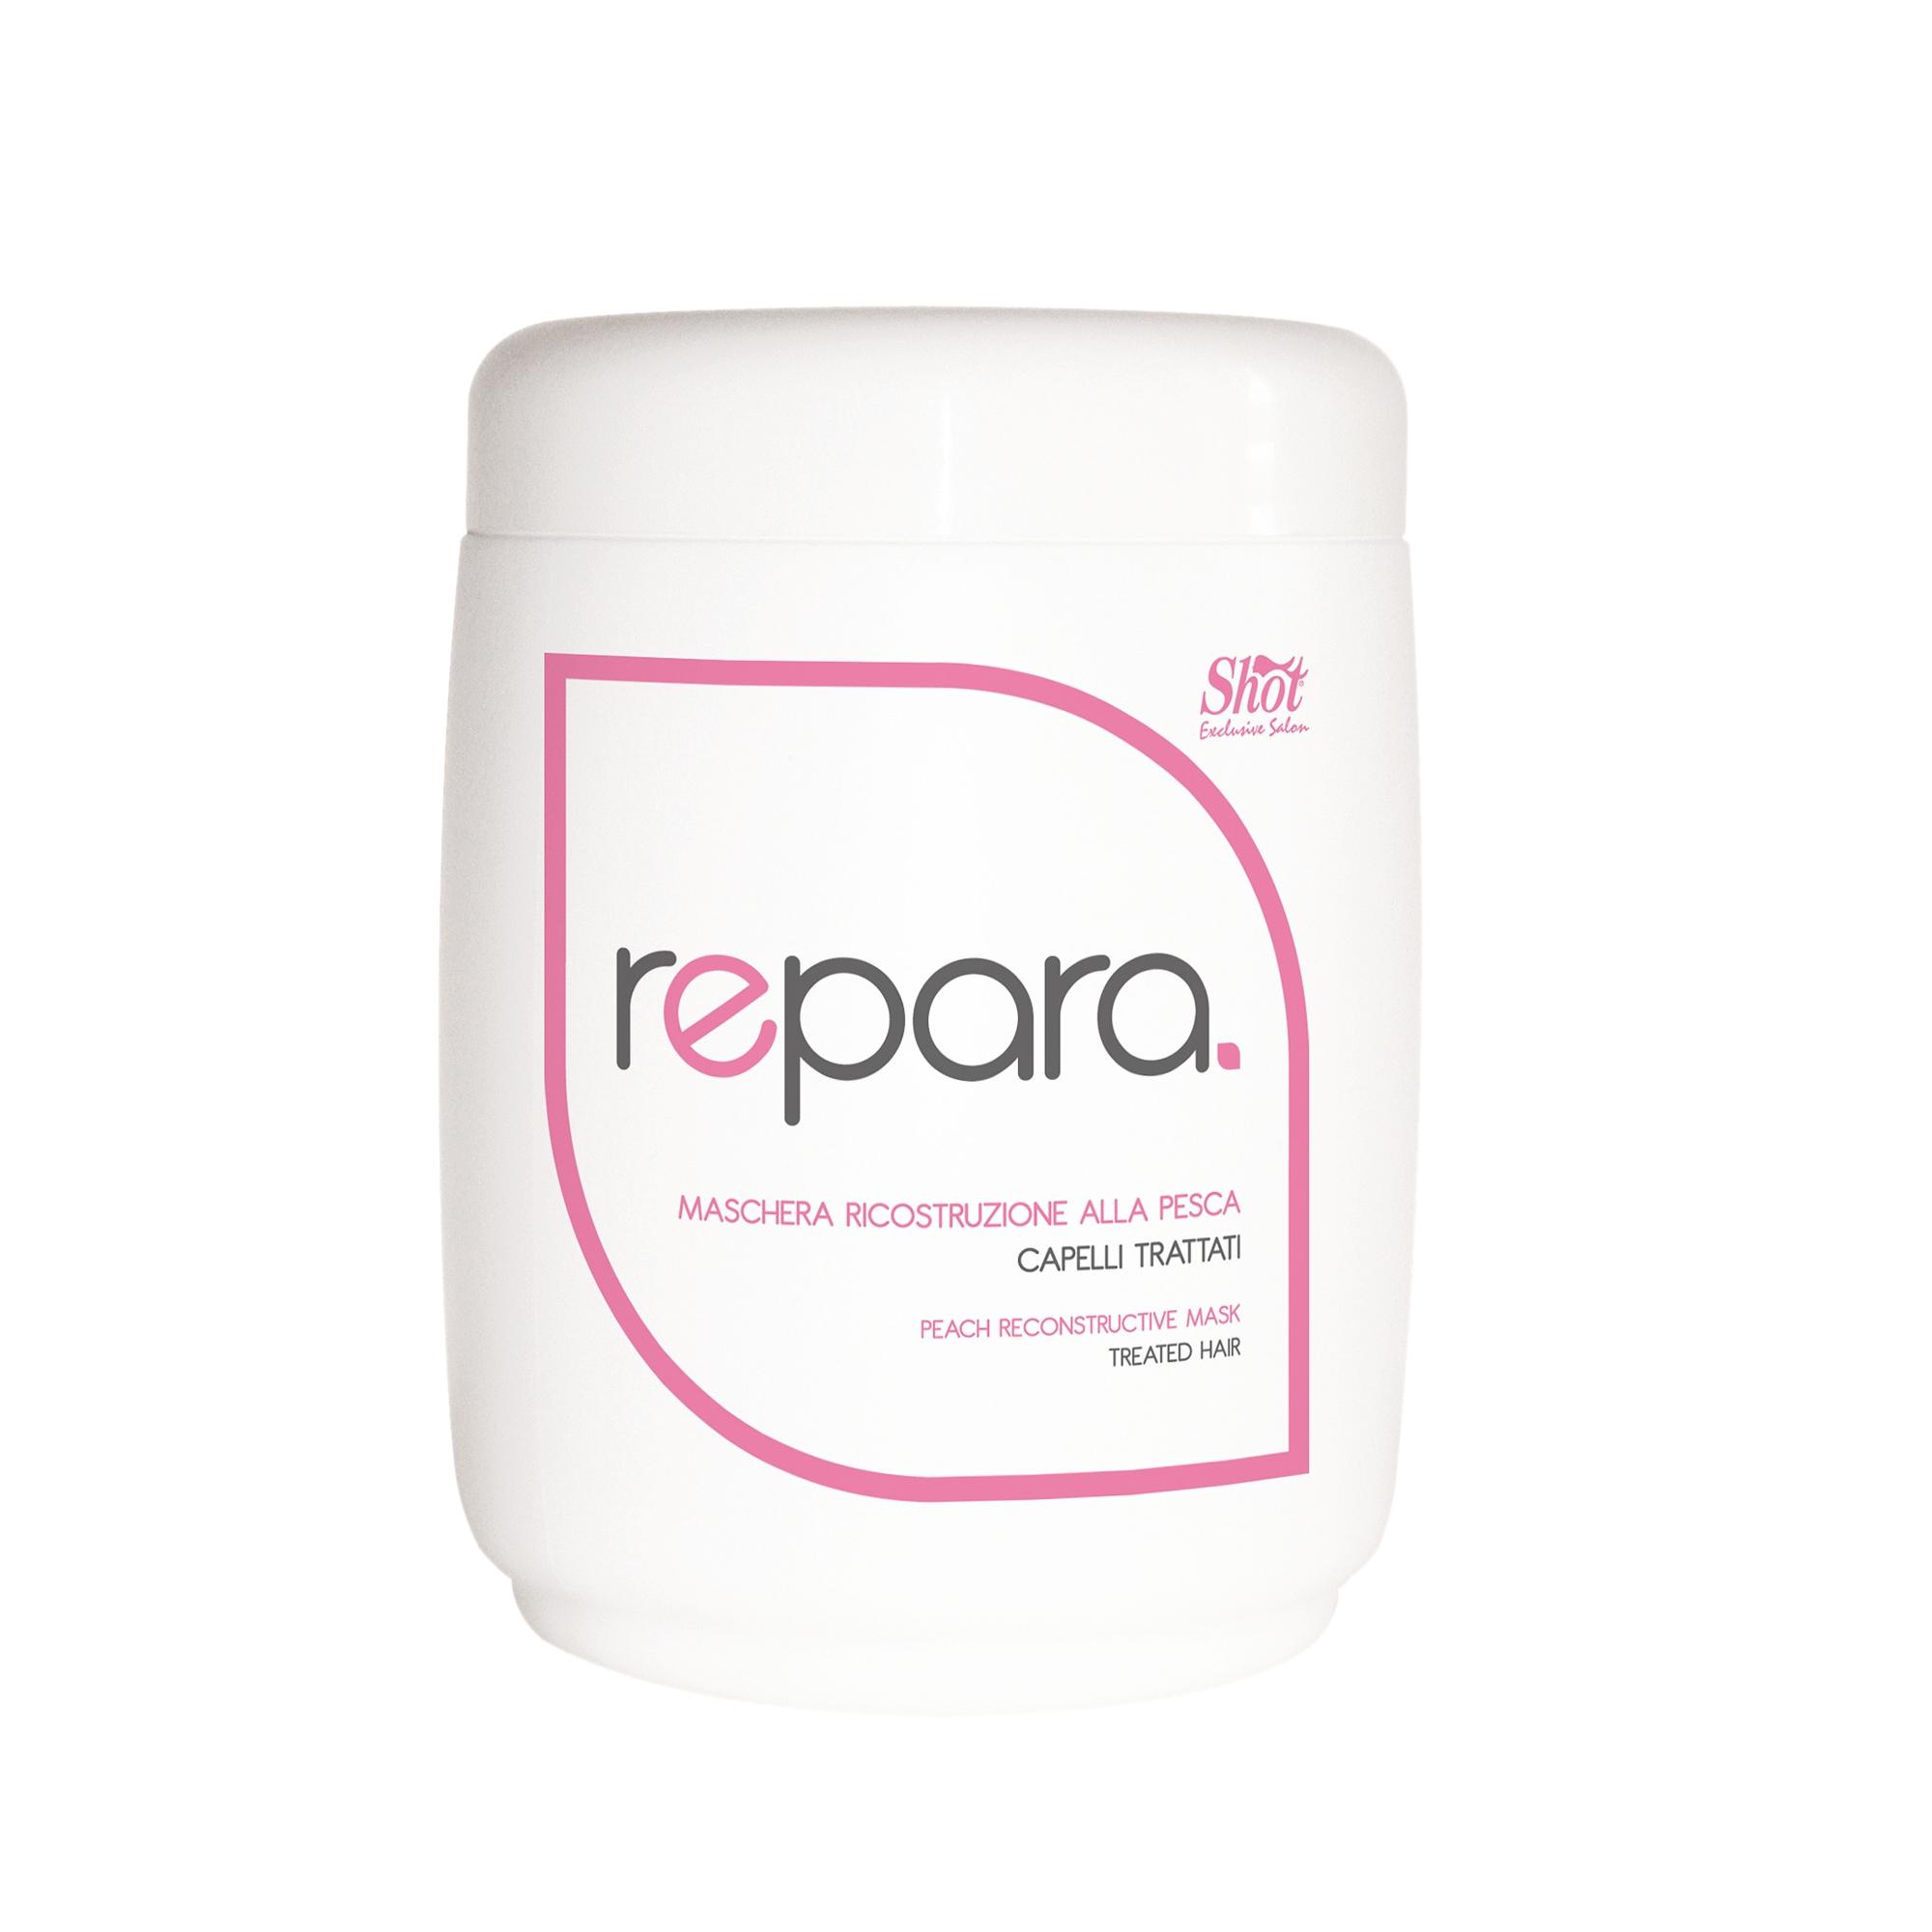 SHOT Маска восстанавливающая с персиком для поврежденных волос / SHOT MAX 1000 млМаски<br>Ее формула богата питательными веществами, которые восстанавливают сильно поврежденные и очень сухие волосы. Активные ингредиенты: итательные вещества, витамины. Способ применения: нанести на чистые, влажные волосы, оставить на 2-3 минуты. Смыть.<br><br>Вид средства для волос: Восстанавливающий